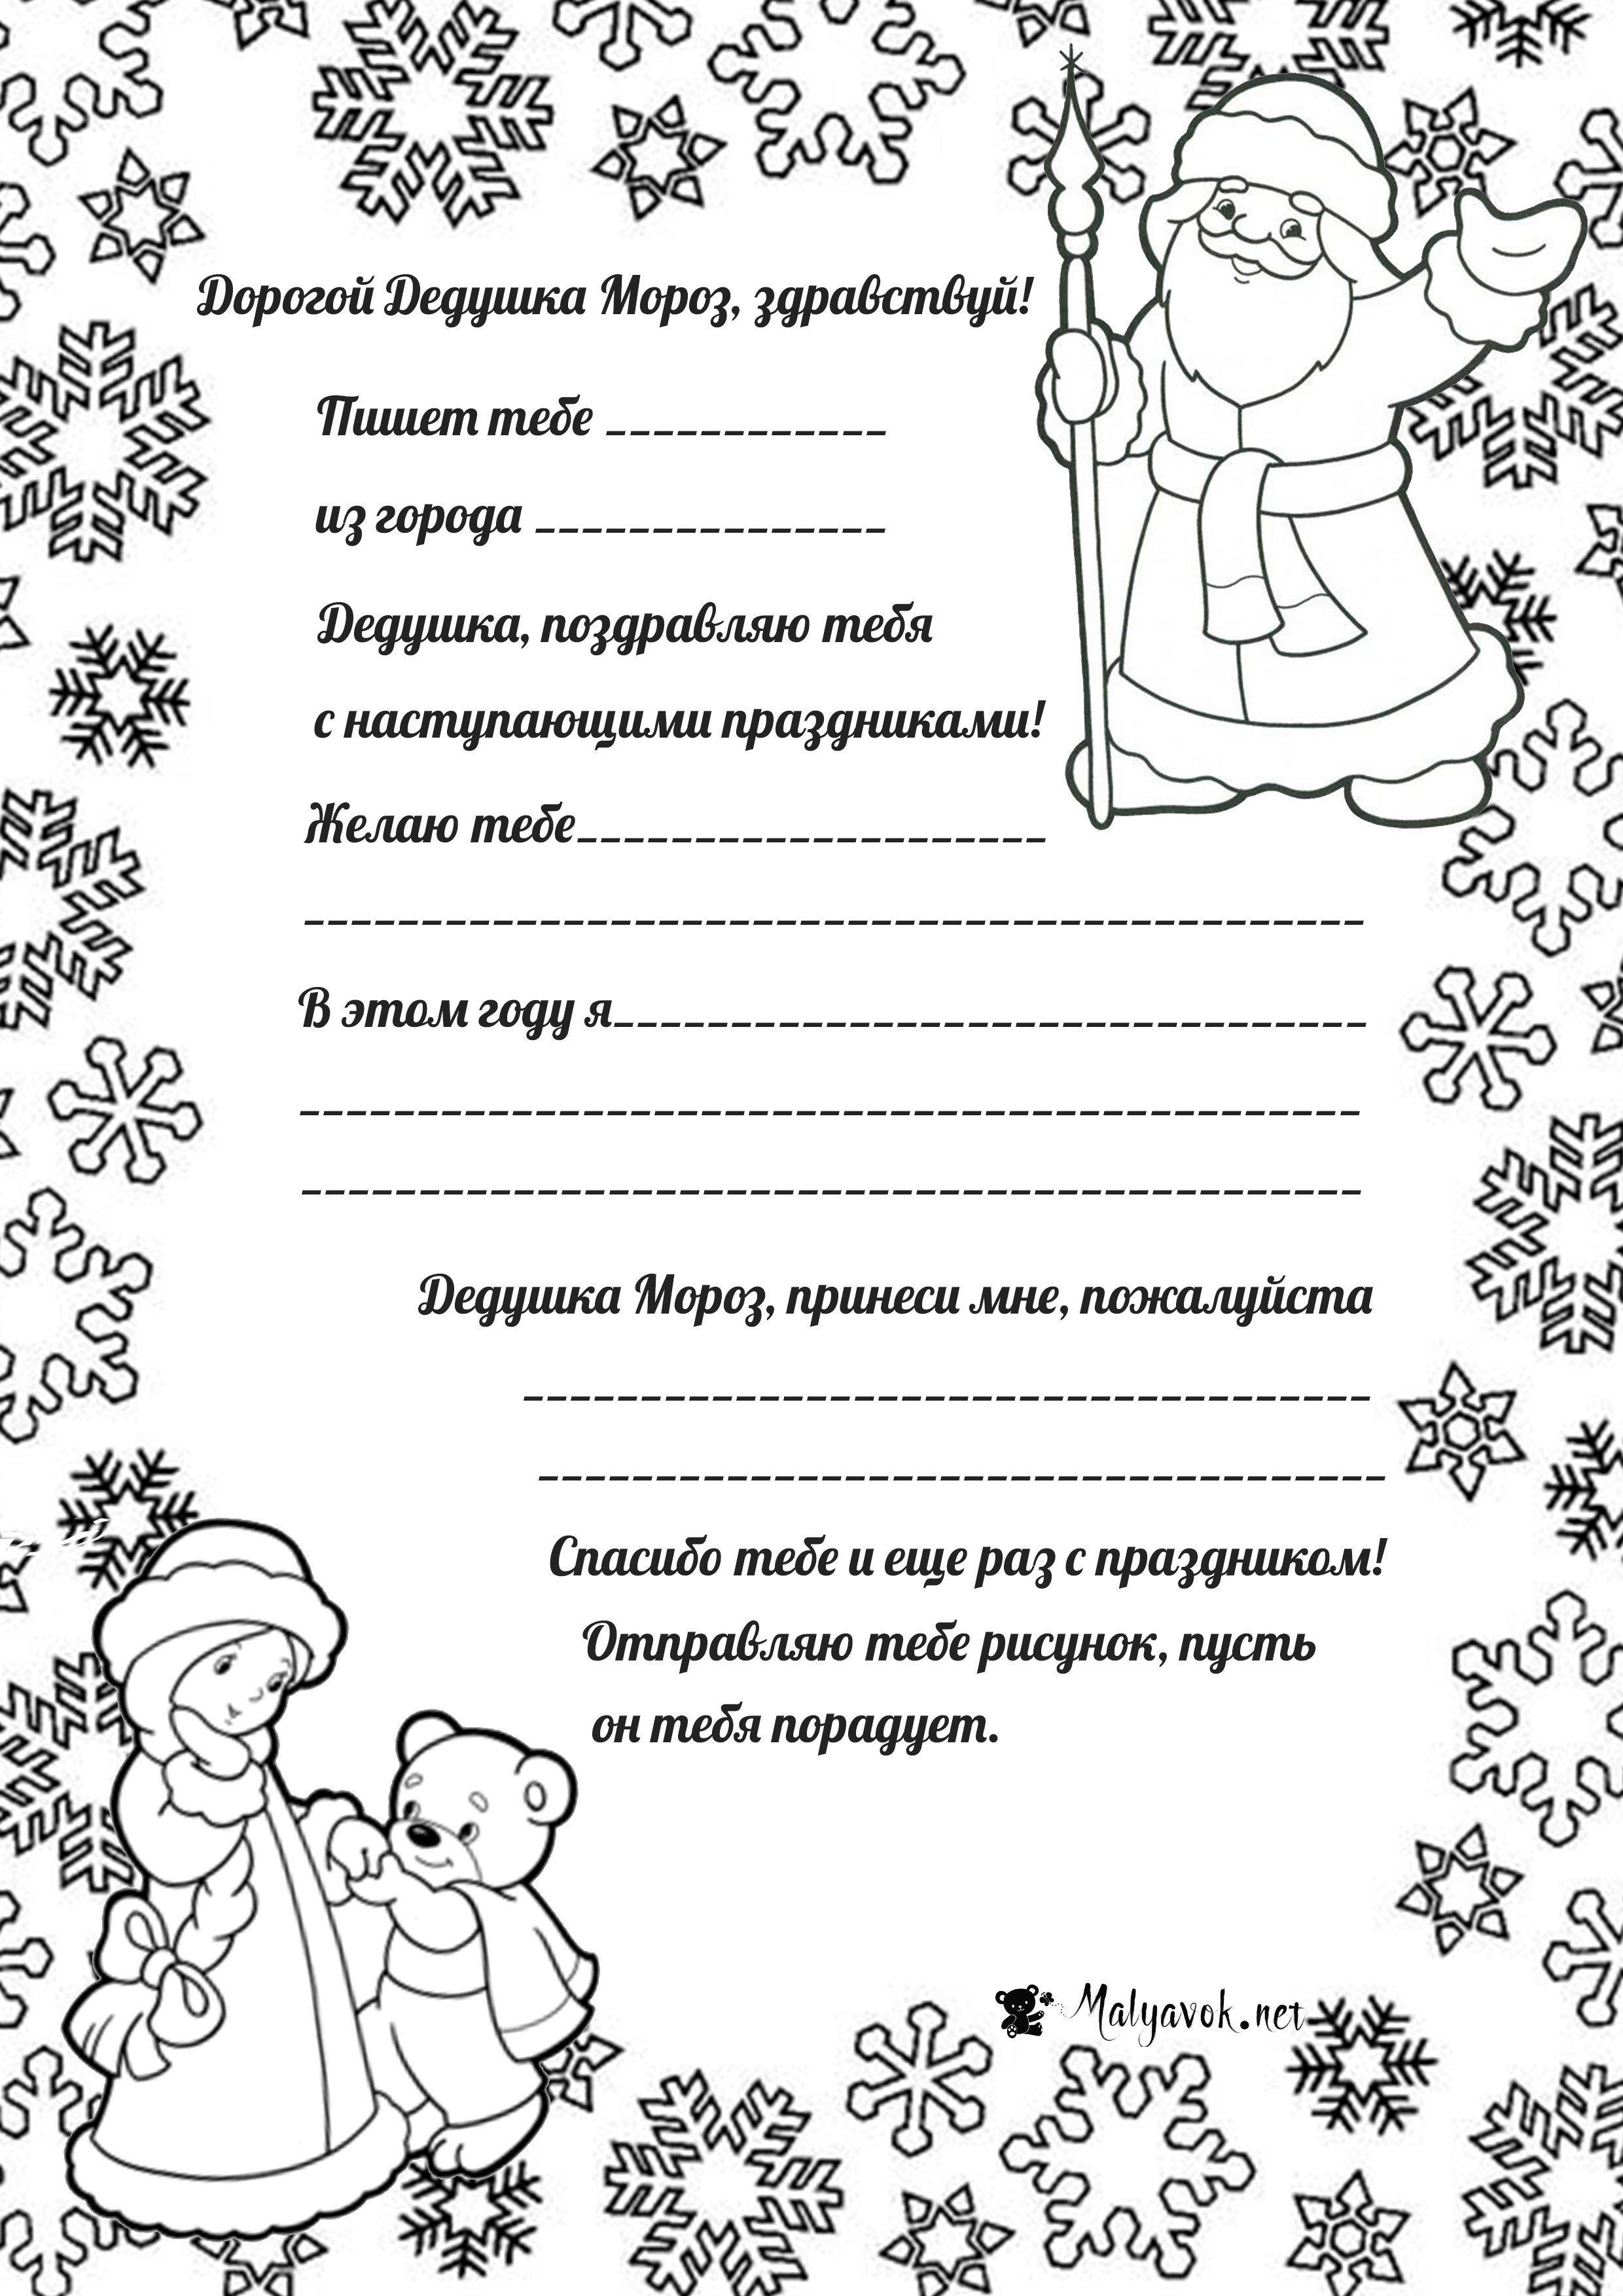 Открытка на новый год деду морозу распечатать